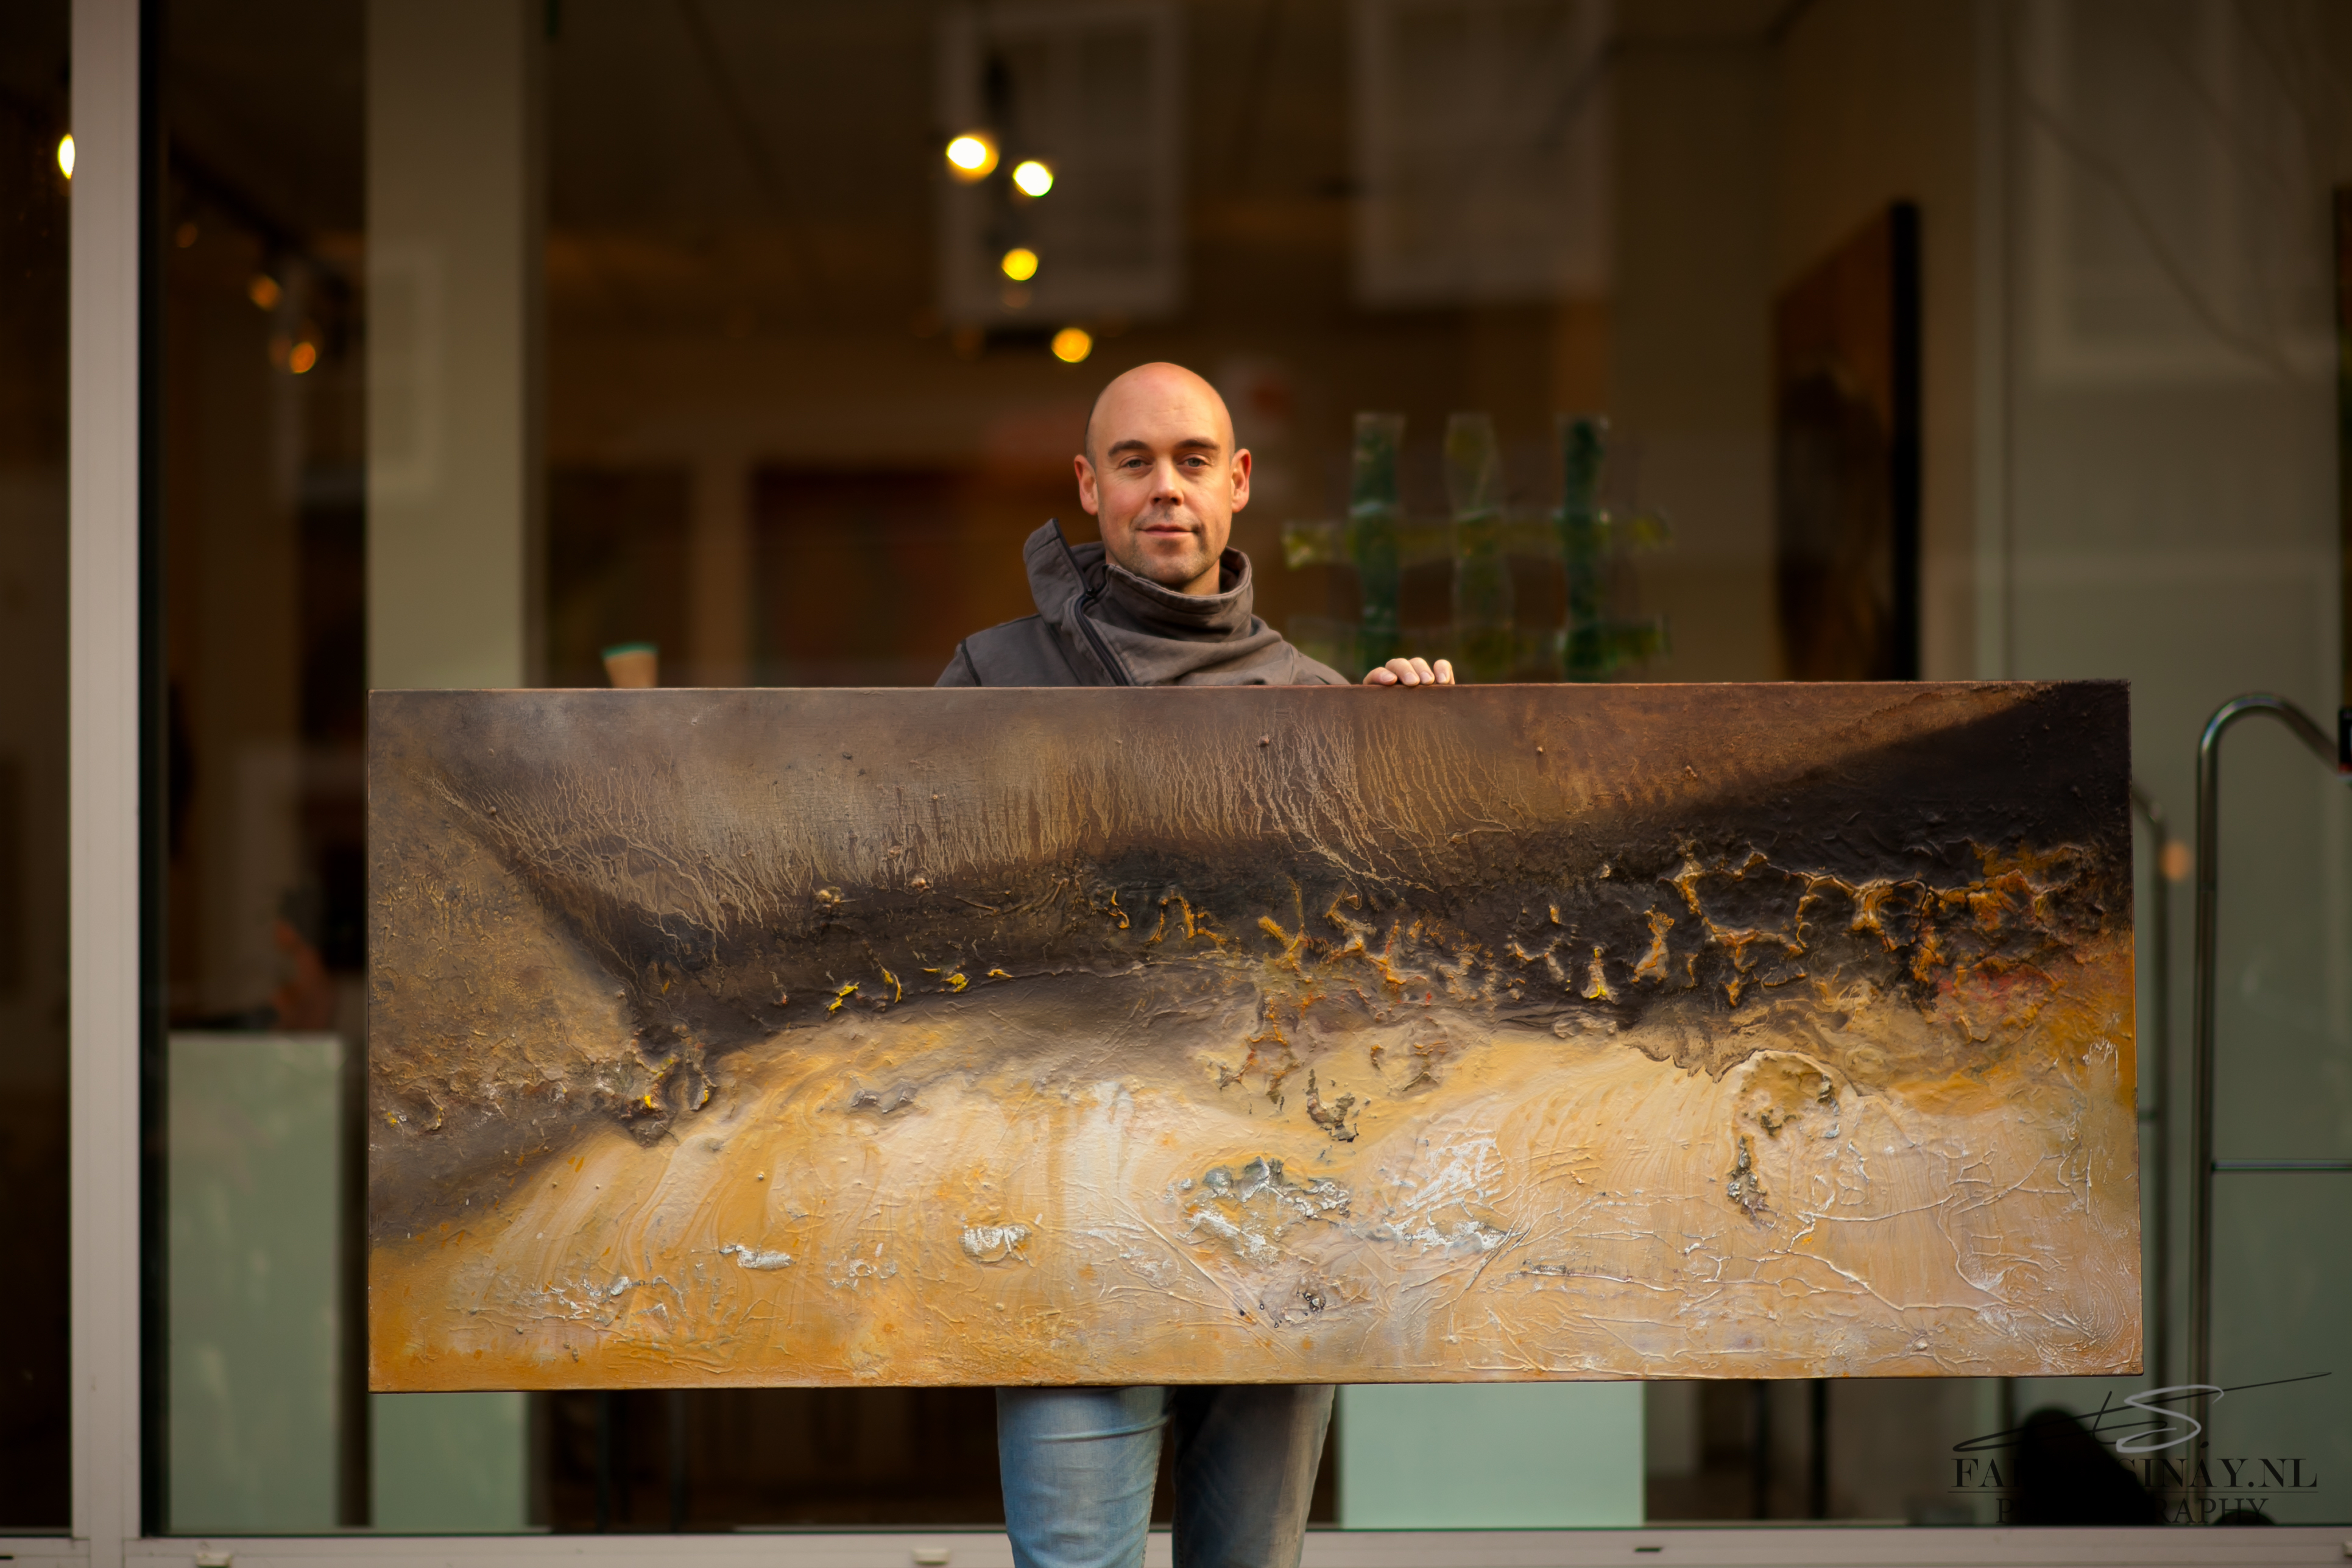 Nijmeegse kunstenaar Eelko van Iersel voor galerie Zeven Zomers (fotograaf Fabian Sinay, 2014)